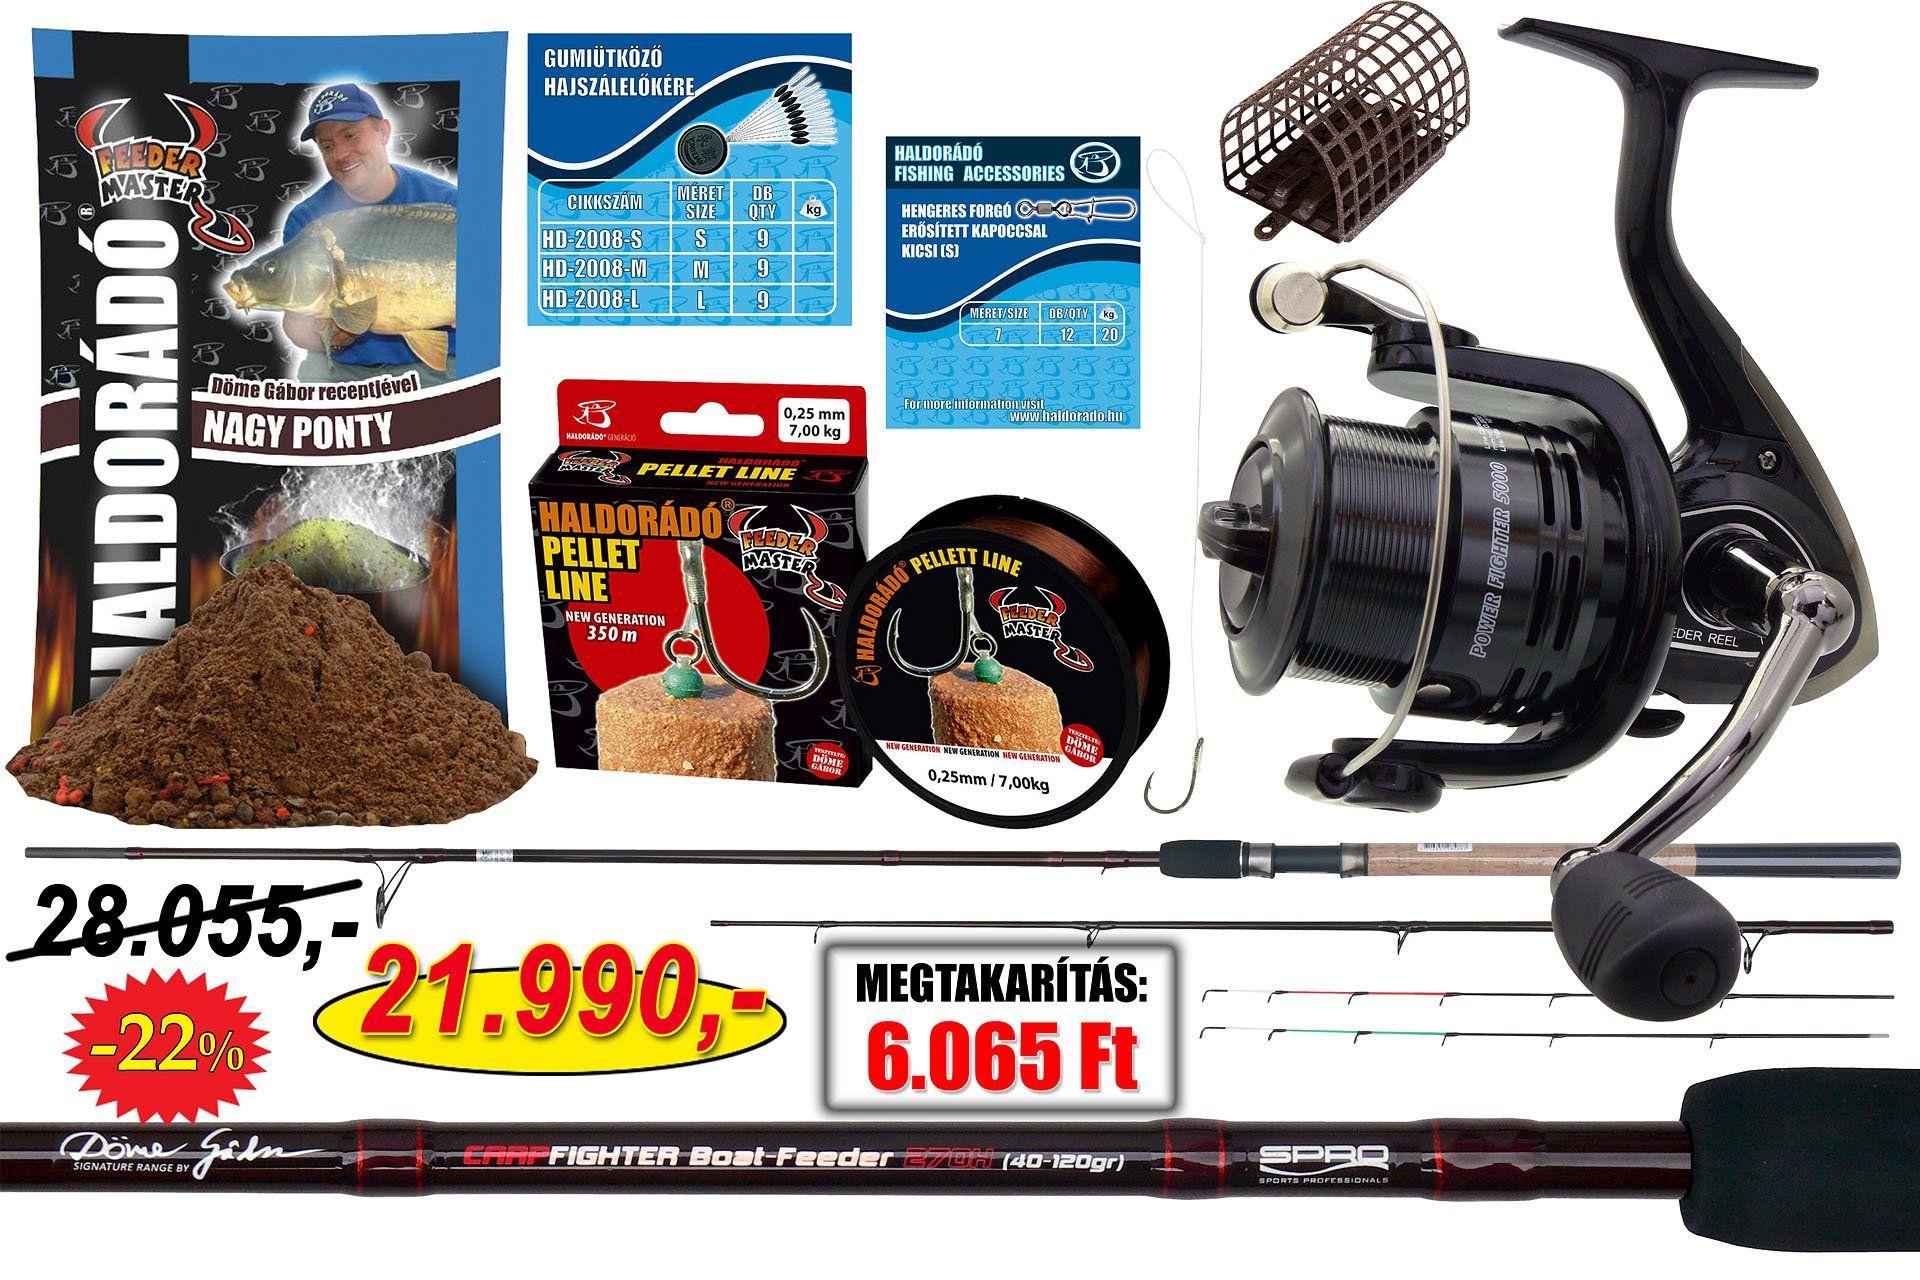 Komplett felszerelés, a csónakos feeder horgászat igényeihez optimalizálva